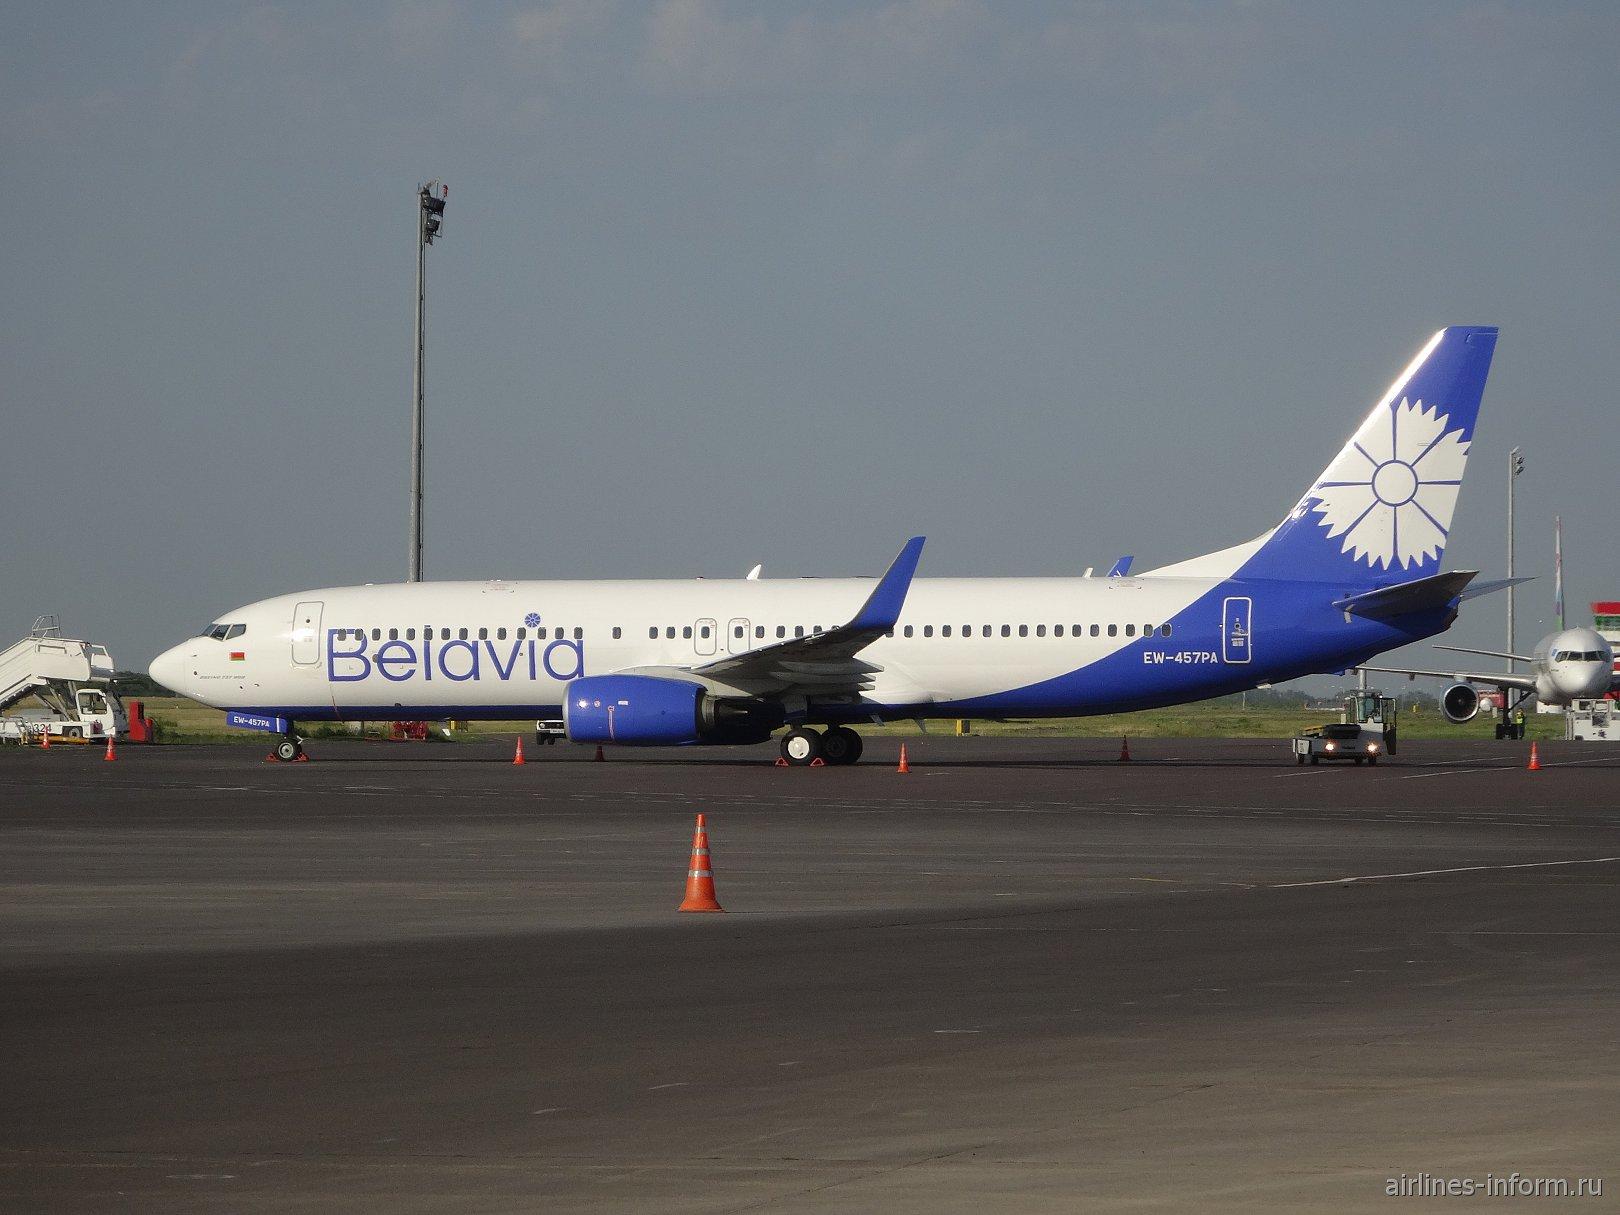 Боинг-737-800 EW-457PA авиакомпании